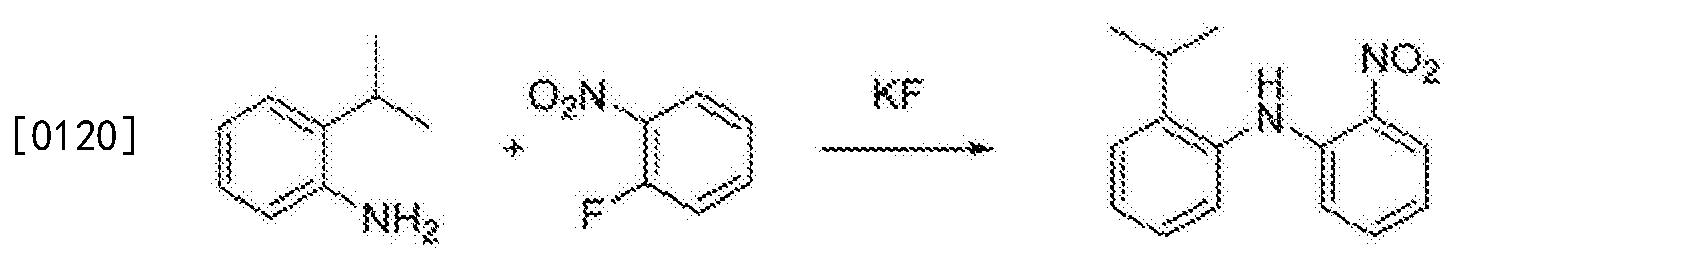 Figure CN103396455BD00482